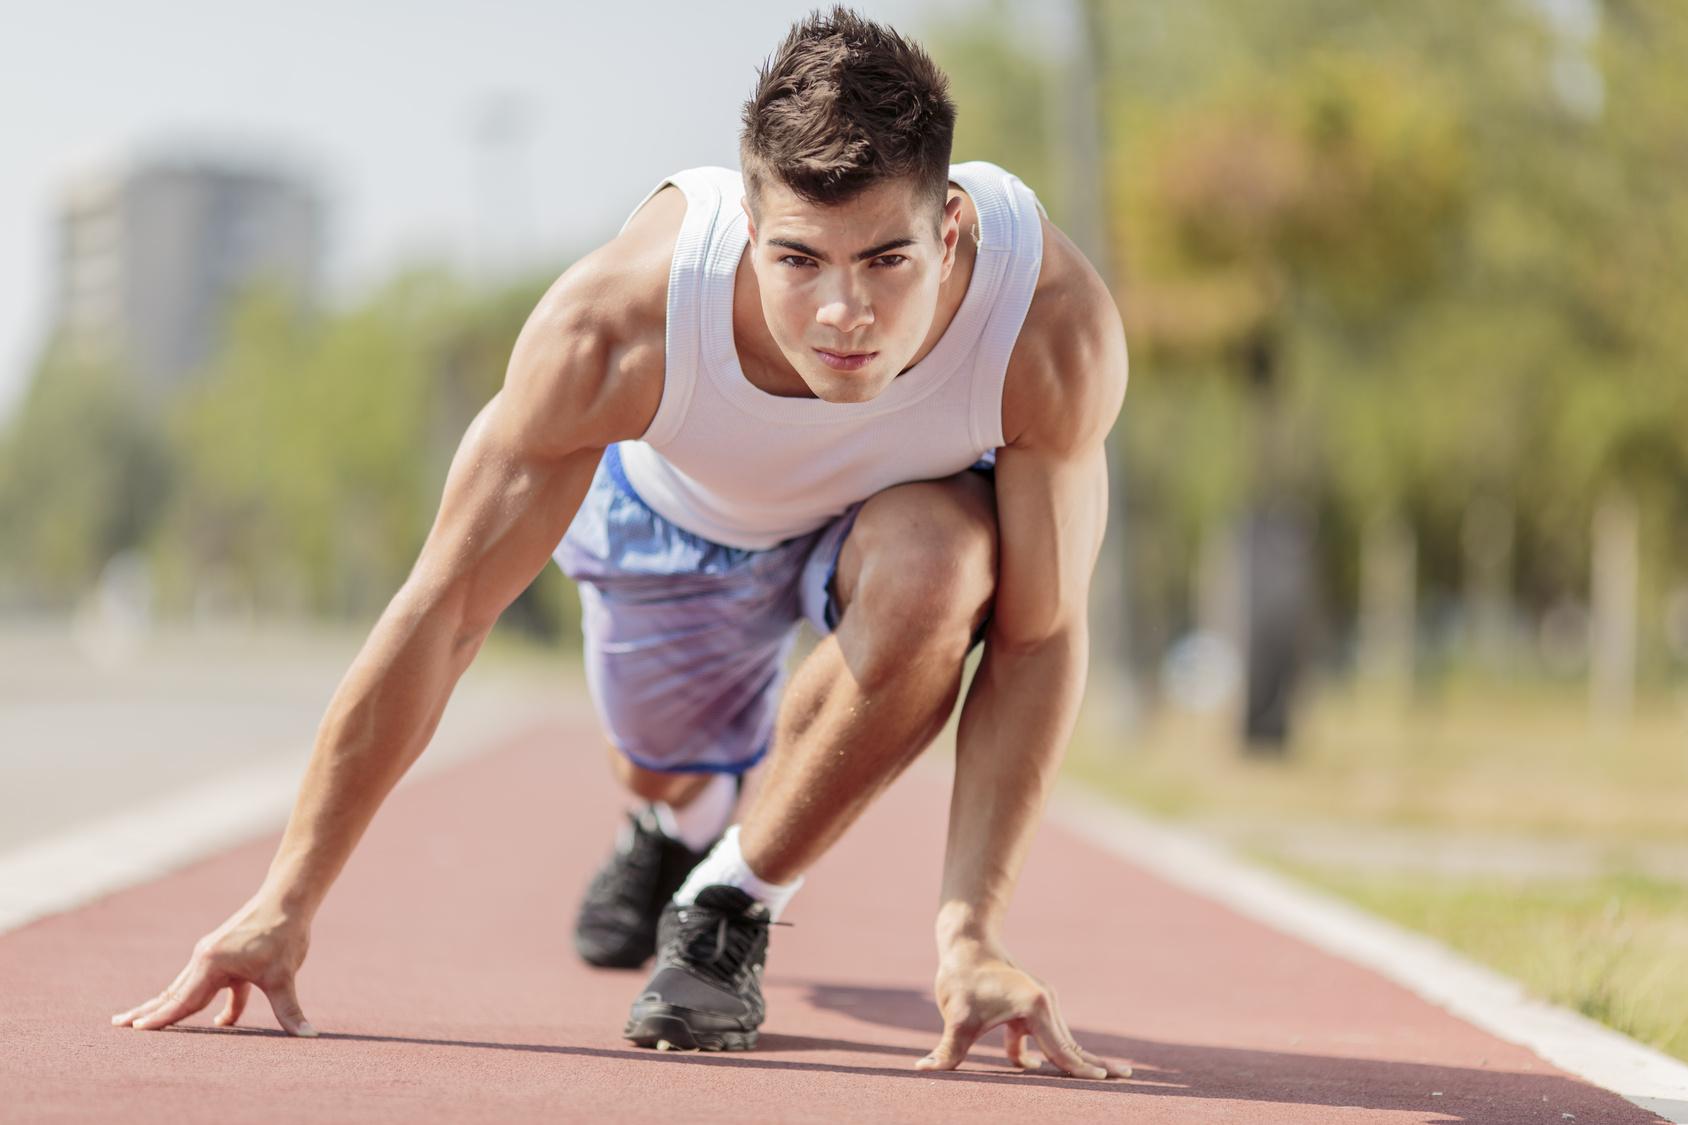 Фото картинок спорта и бега